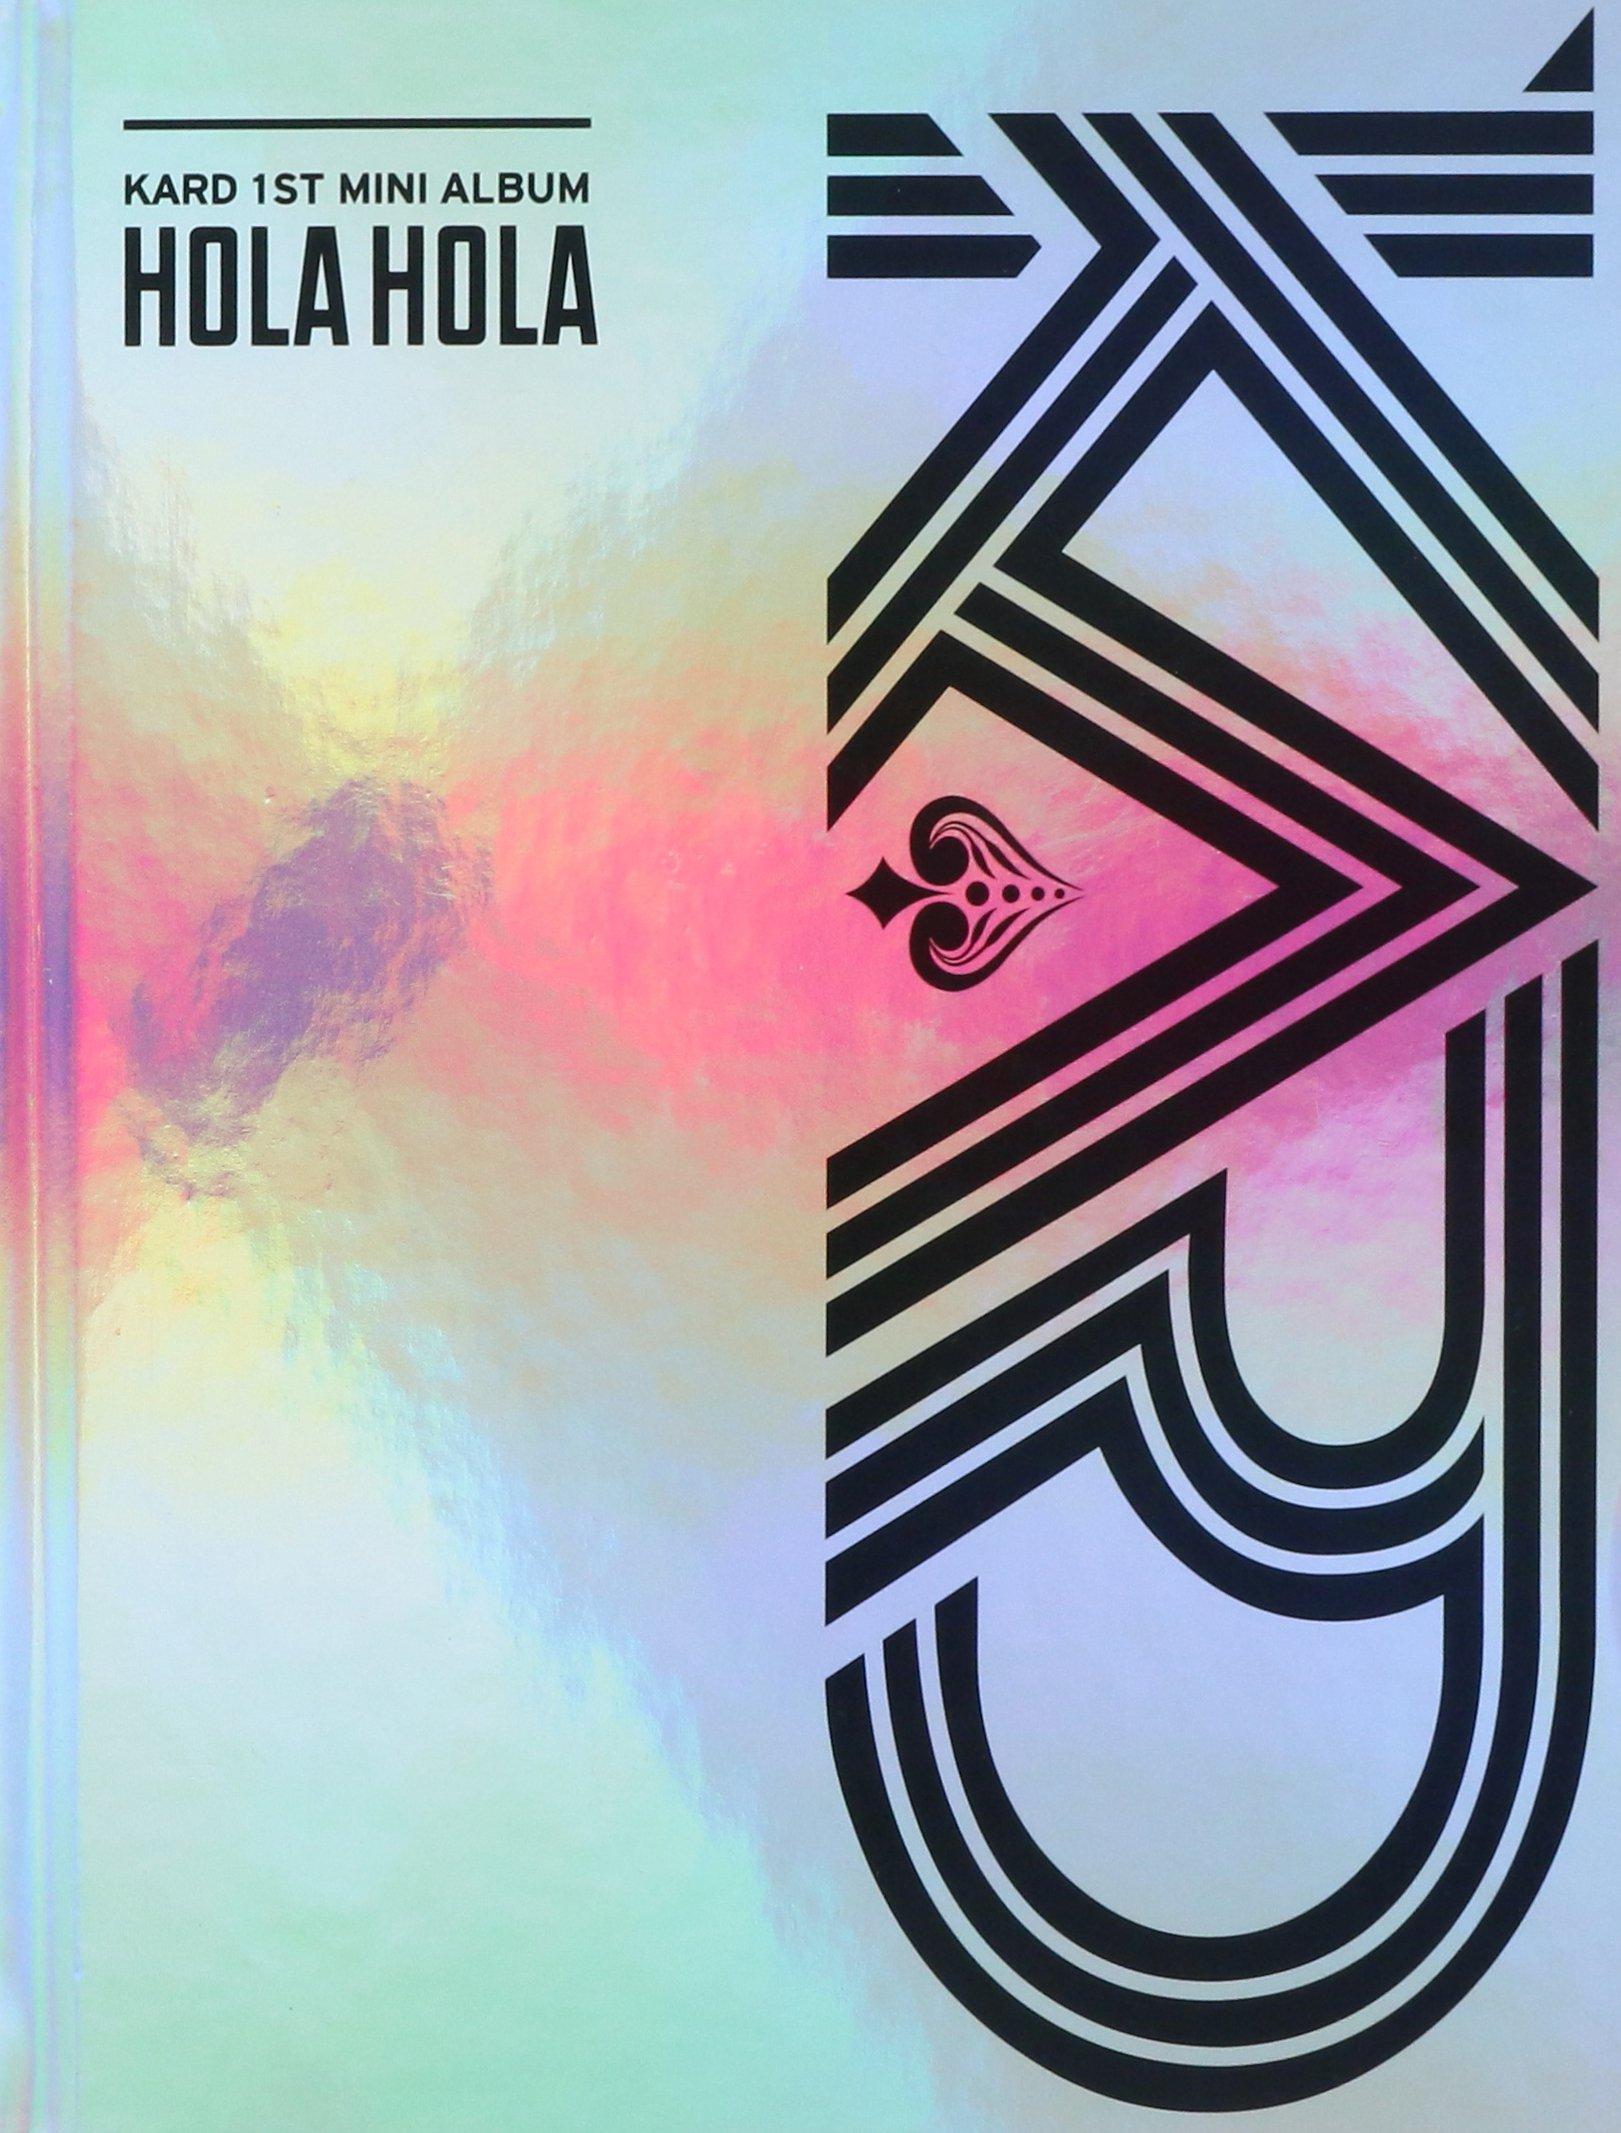 Hola Hola by Dsp Media